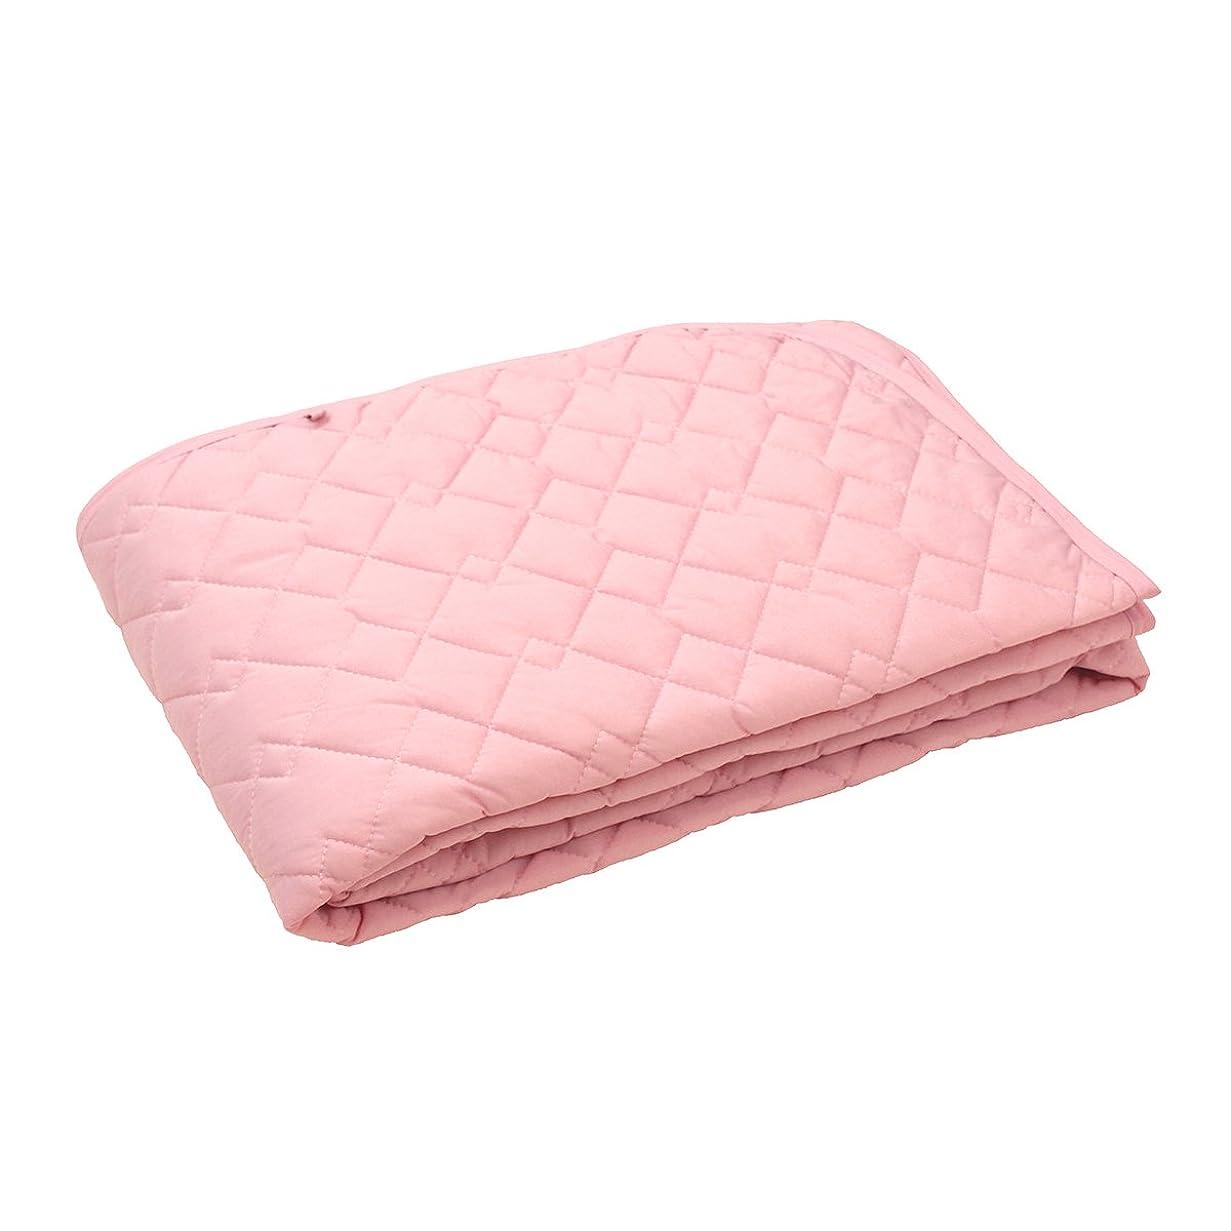 確執慈善大きさ西川リビング 敷きパッド ピンク 100×205cm 洗える ひんやり CP-1440 2072-44088